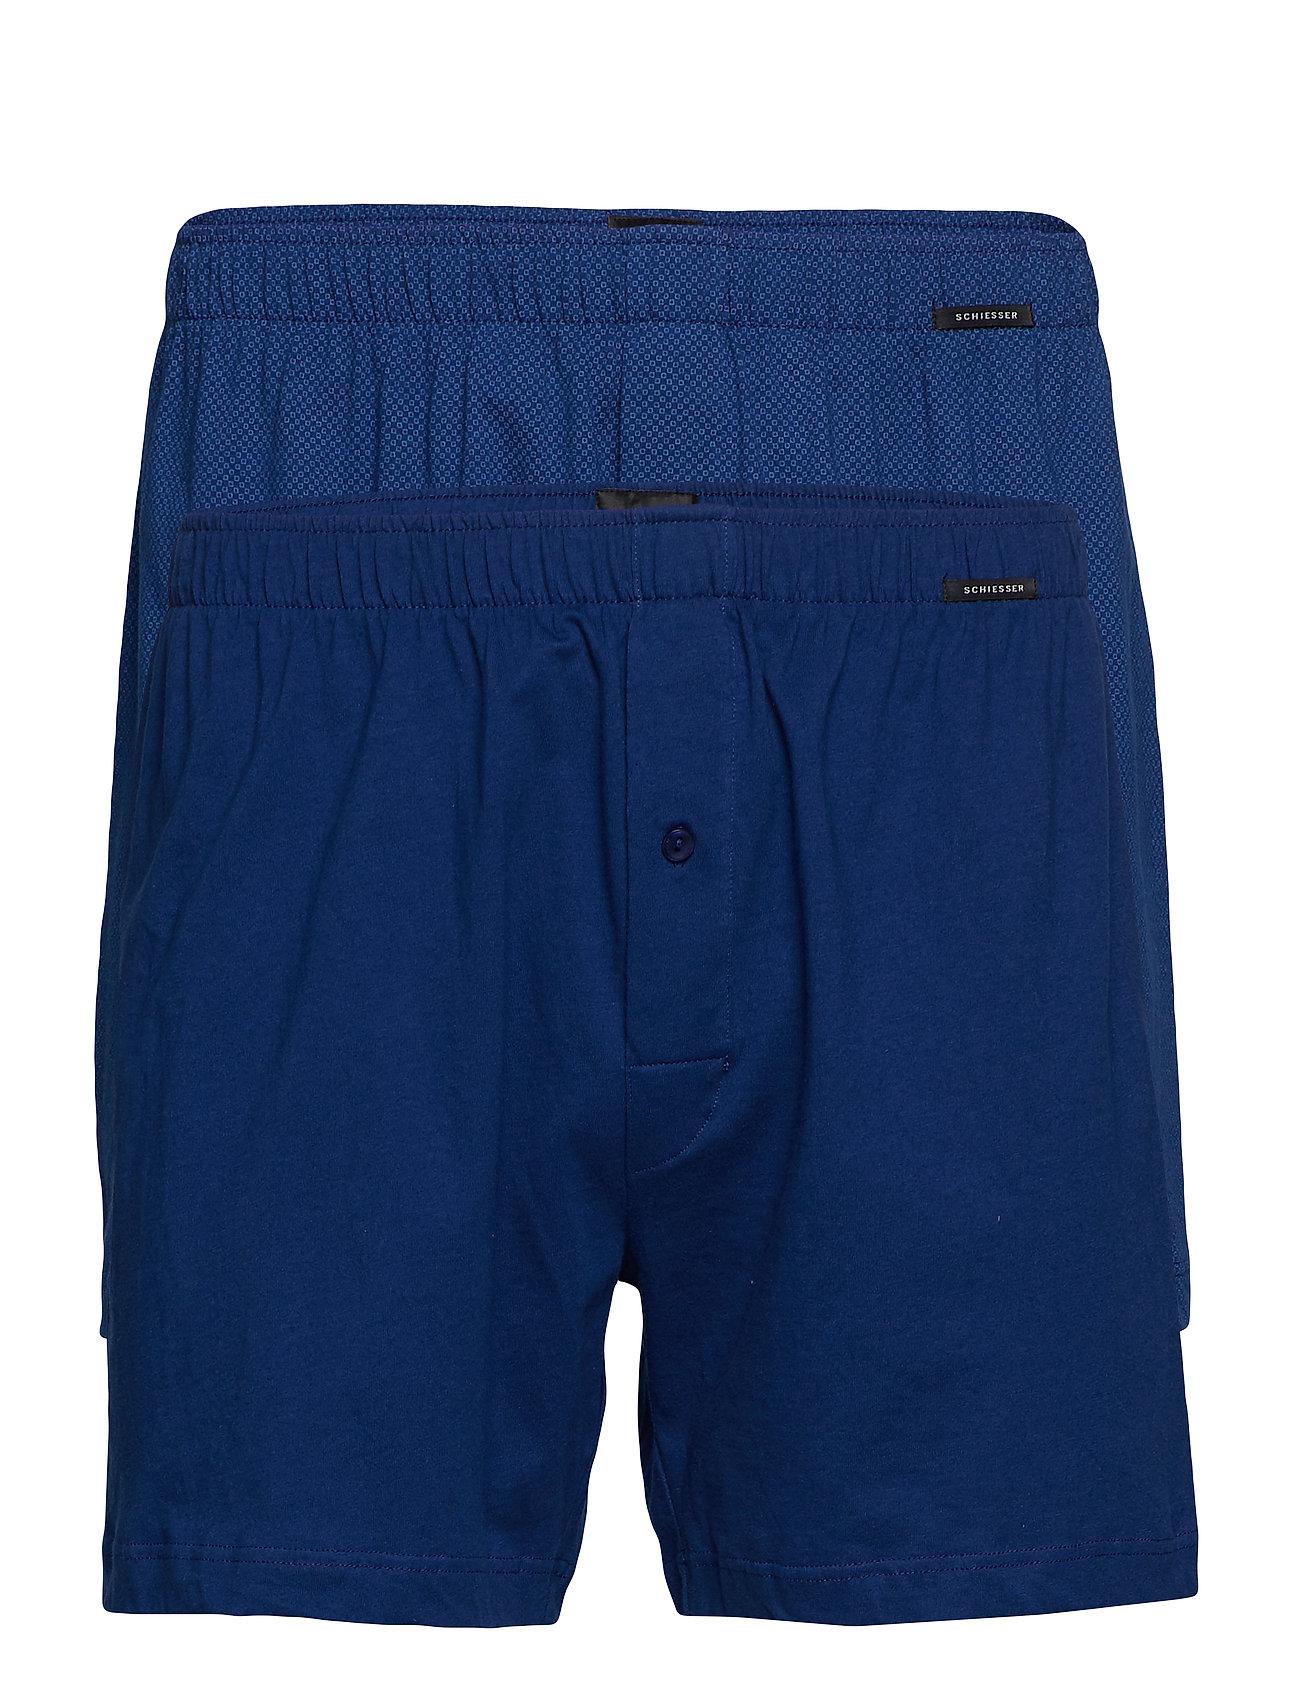 Schiesser Boxershorts - BLUE